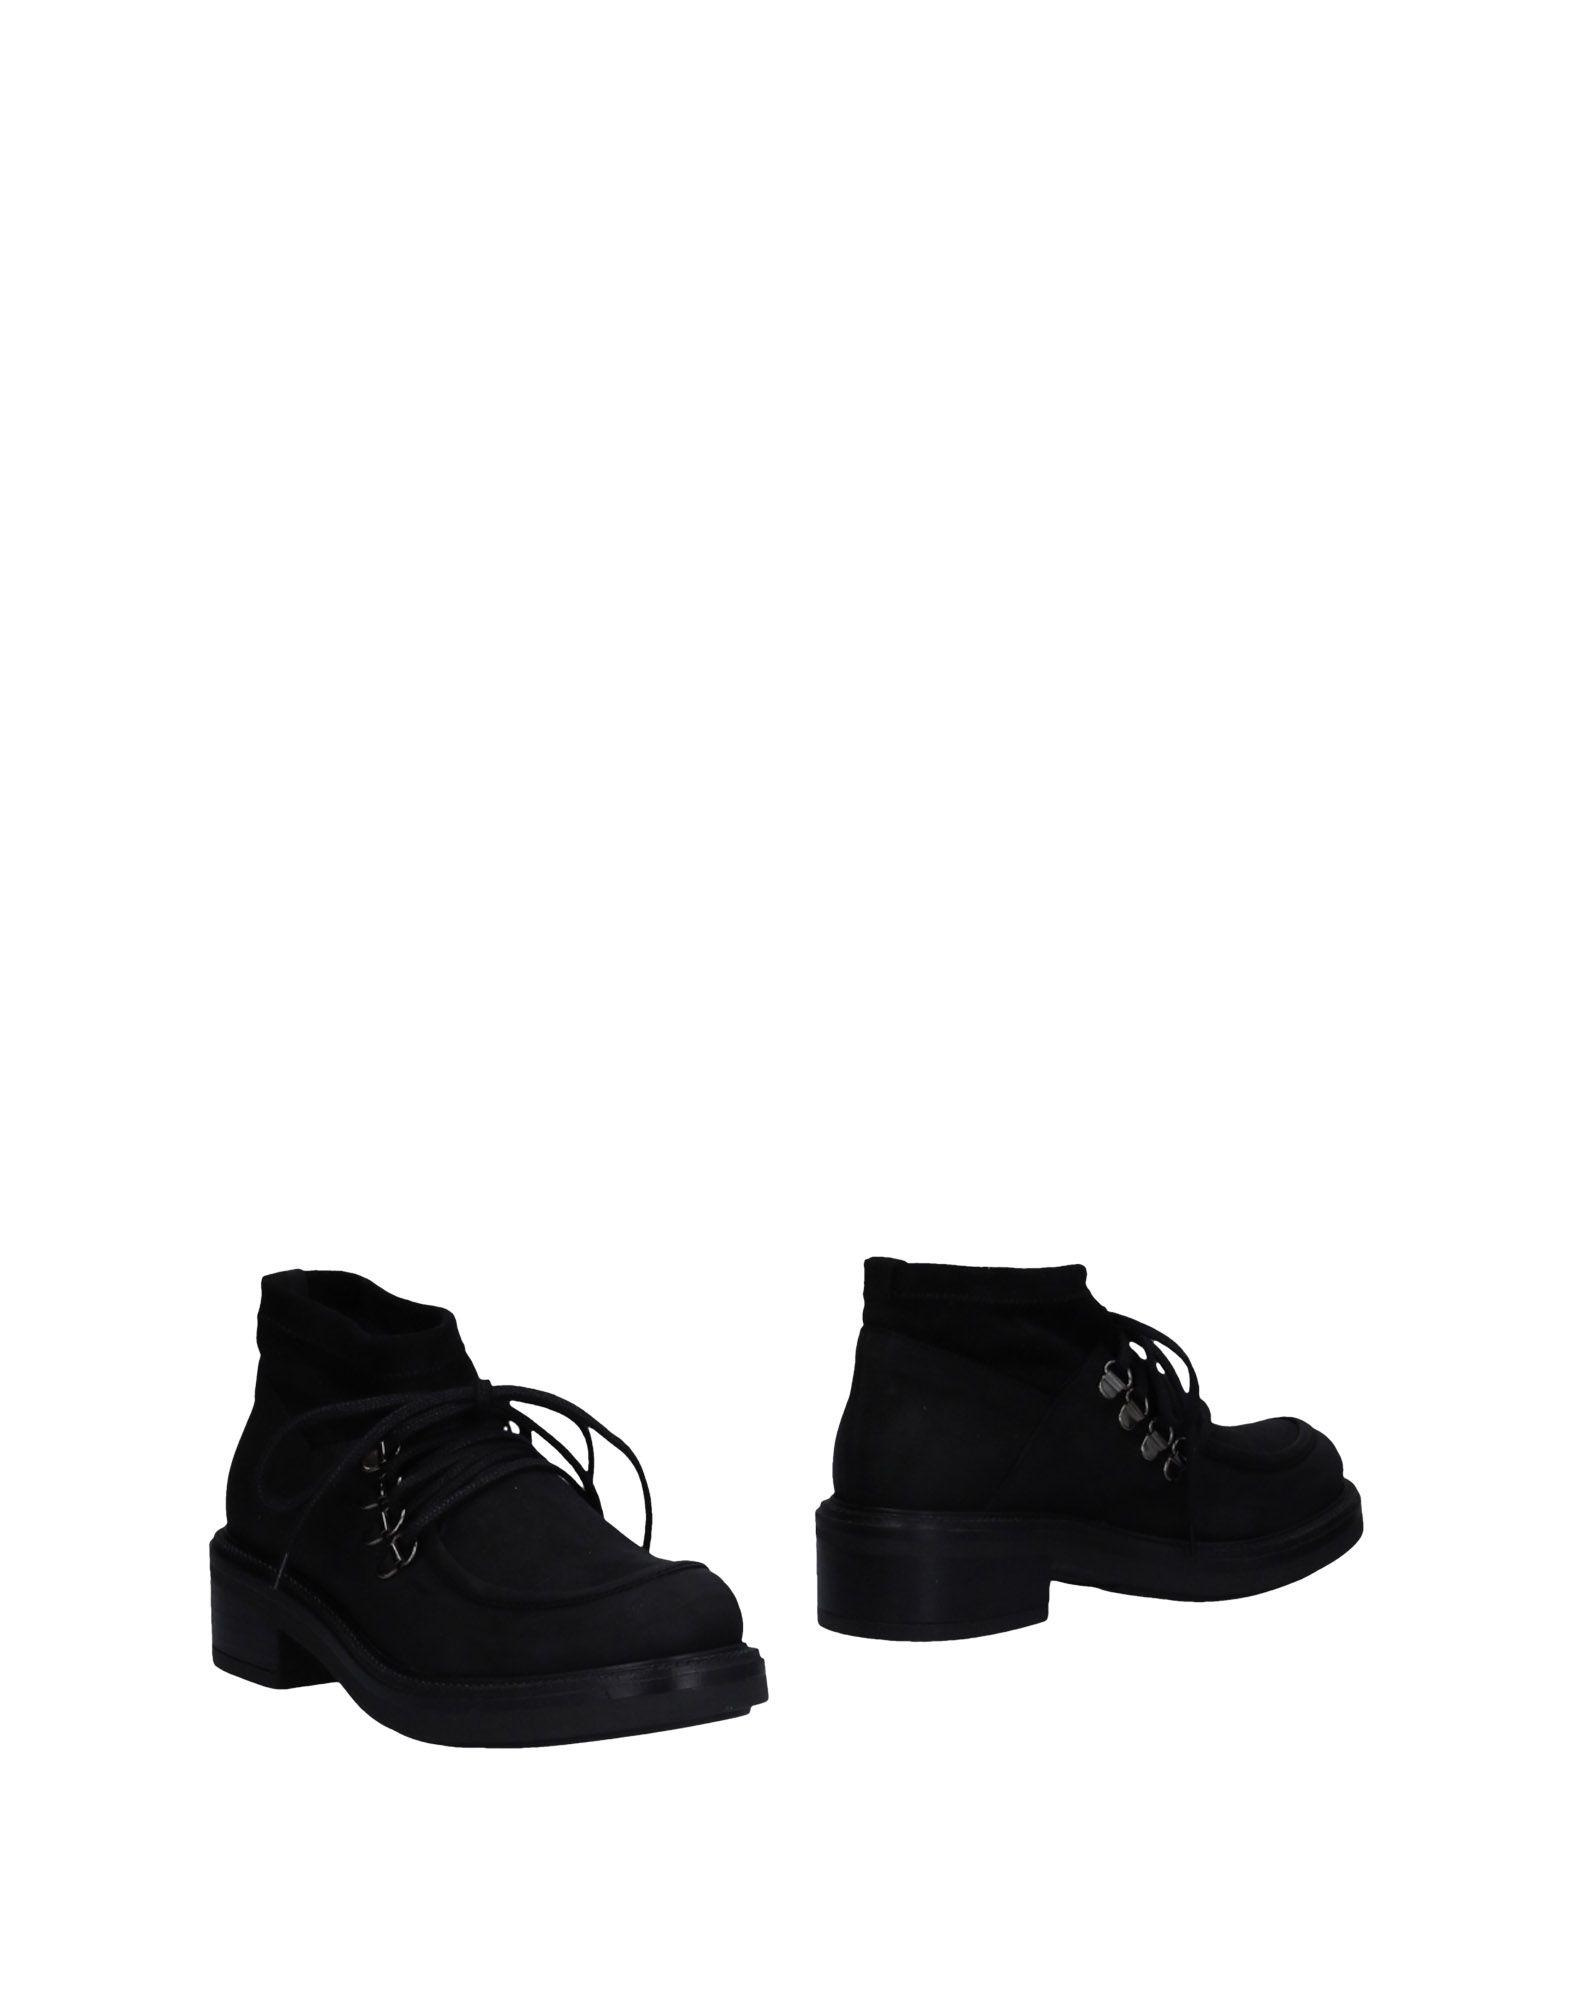 Mally Stiefelette Damen  11476218JM Gute Qualität beliebte Schuhe